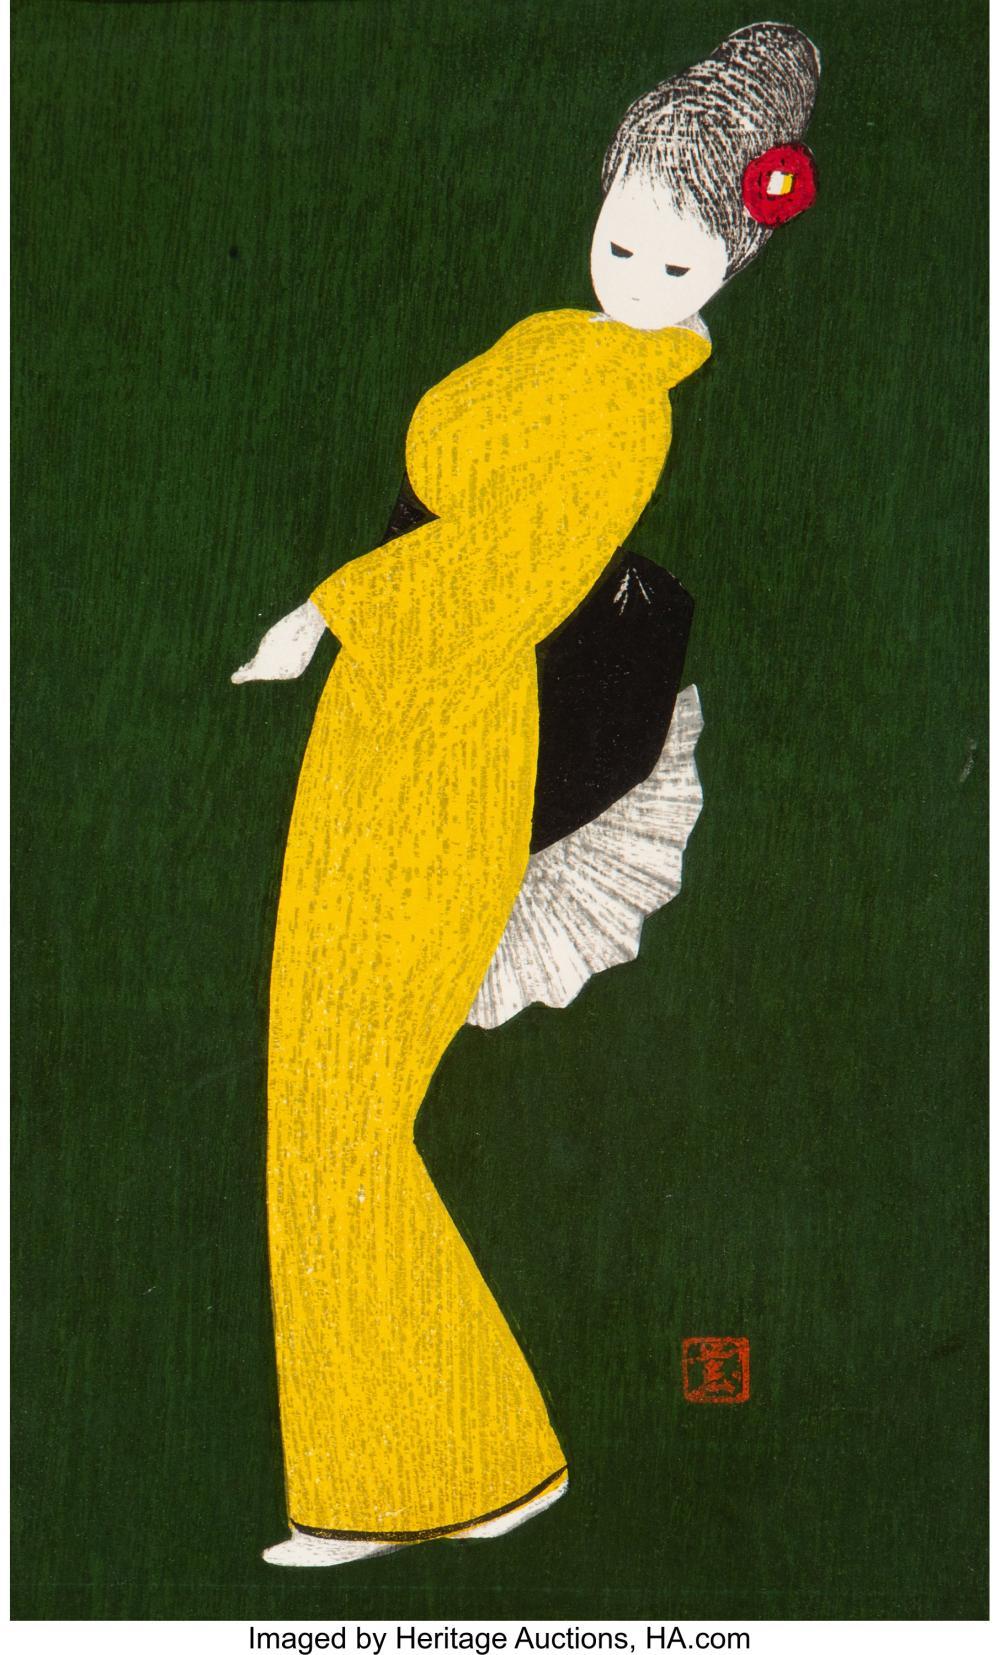 Lot 21293: Kaoru Kawana (Japanese, 1916-1965) Five Woodblock Prints, circa 1950 Ink and col